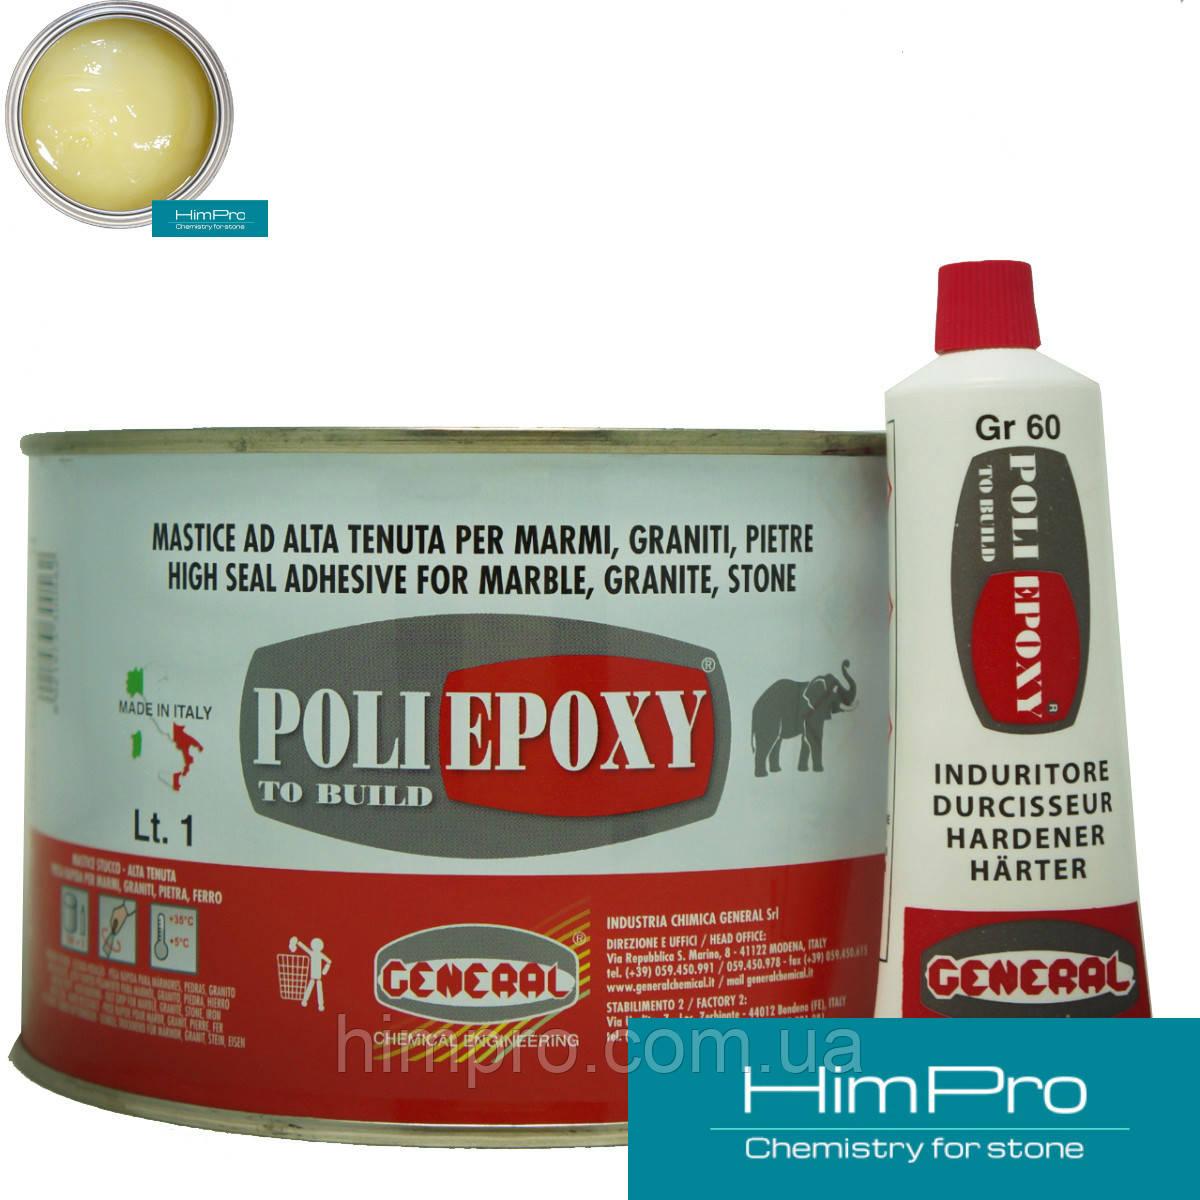 POLIEPOXY  trasparente 1L General  Полиэфирный-эпоксидный клей для мрамора, гранита прозрачно-медовый